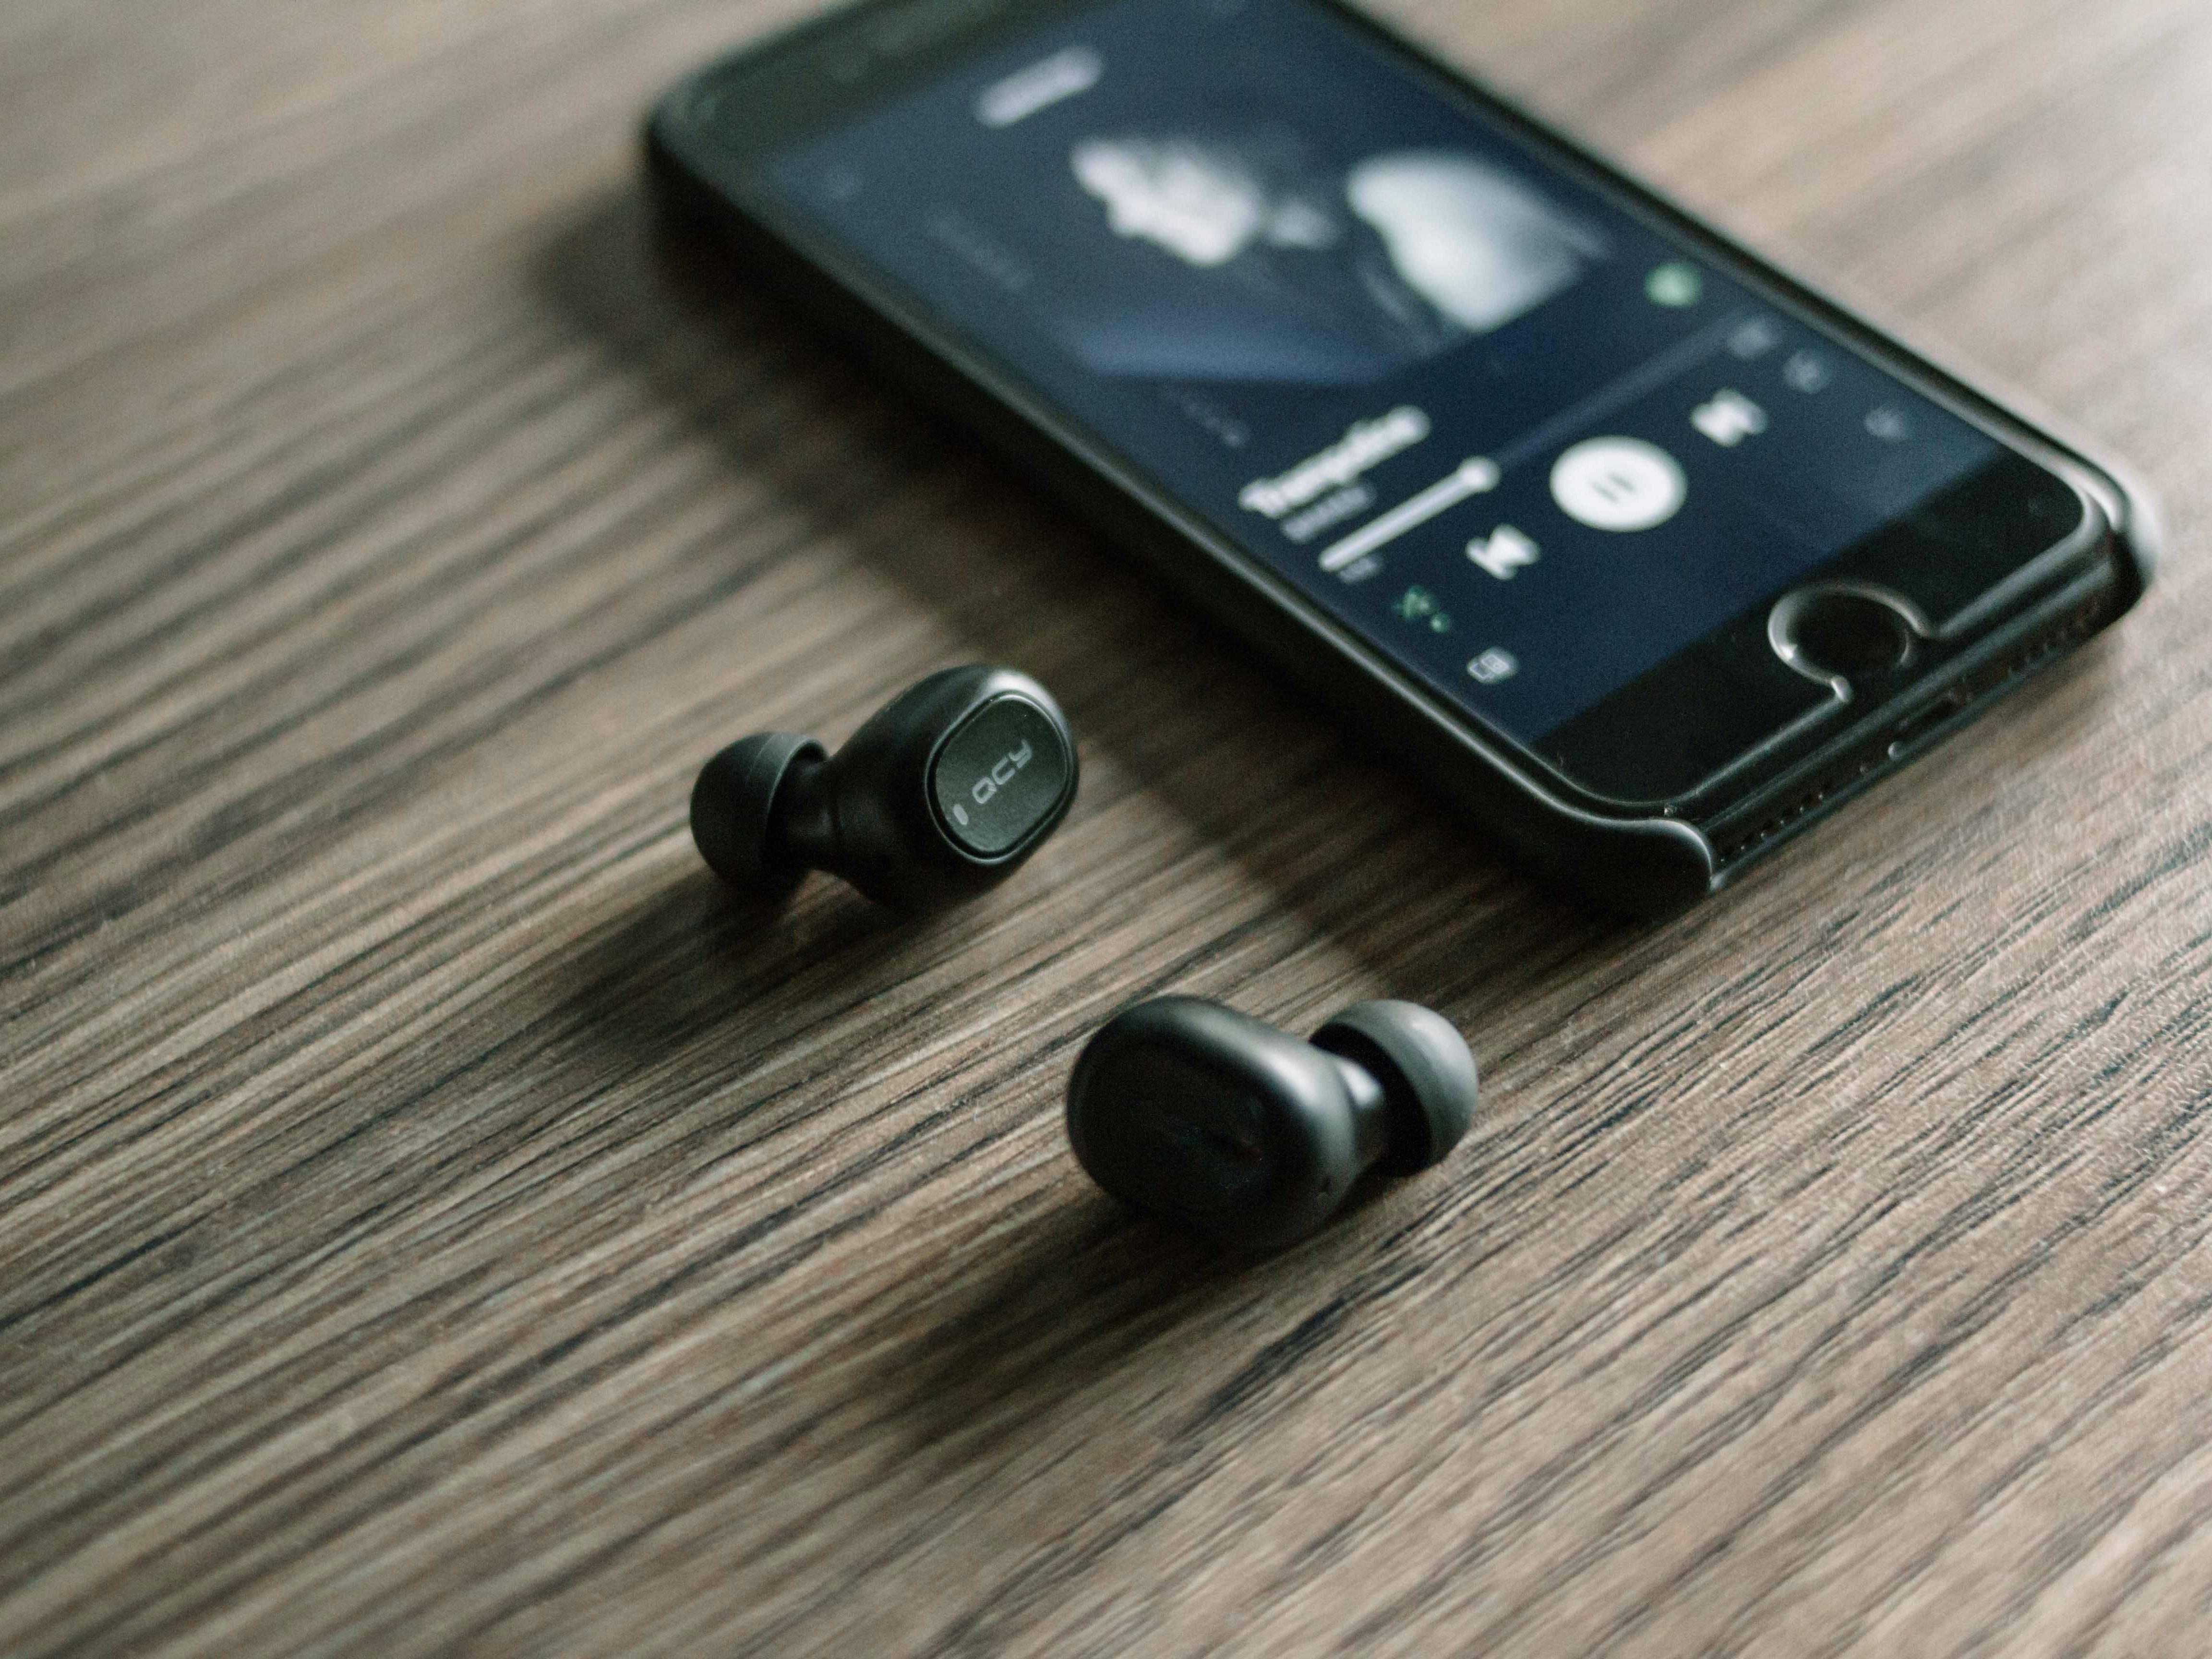 True wireless true demand? Image credit: Unsplash